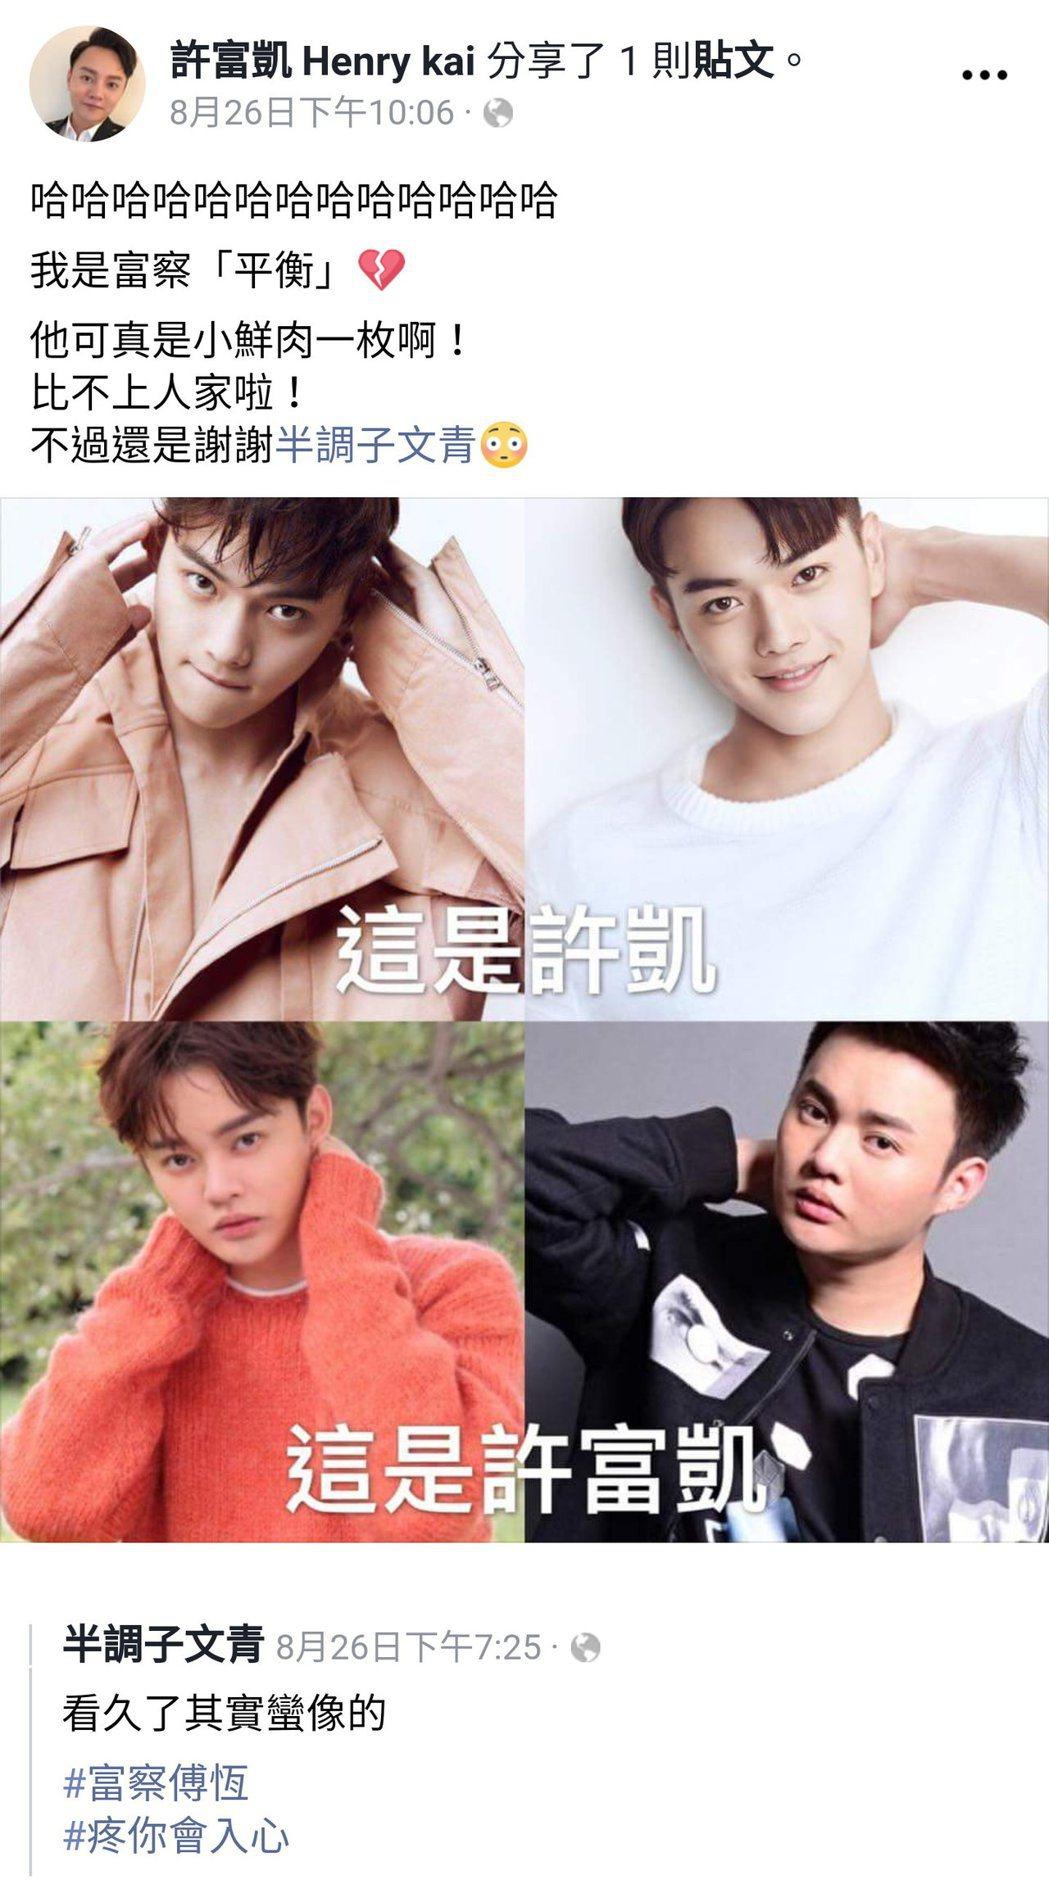 圖/擷自許富凱臉書